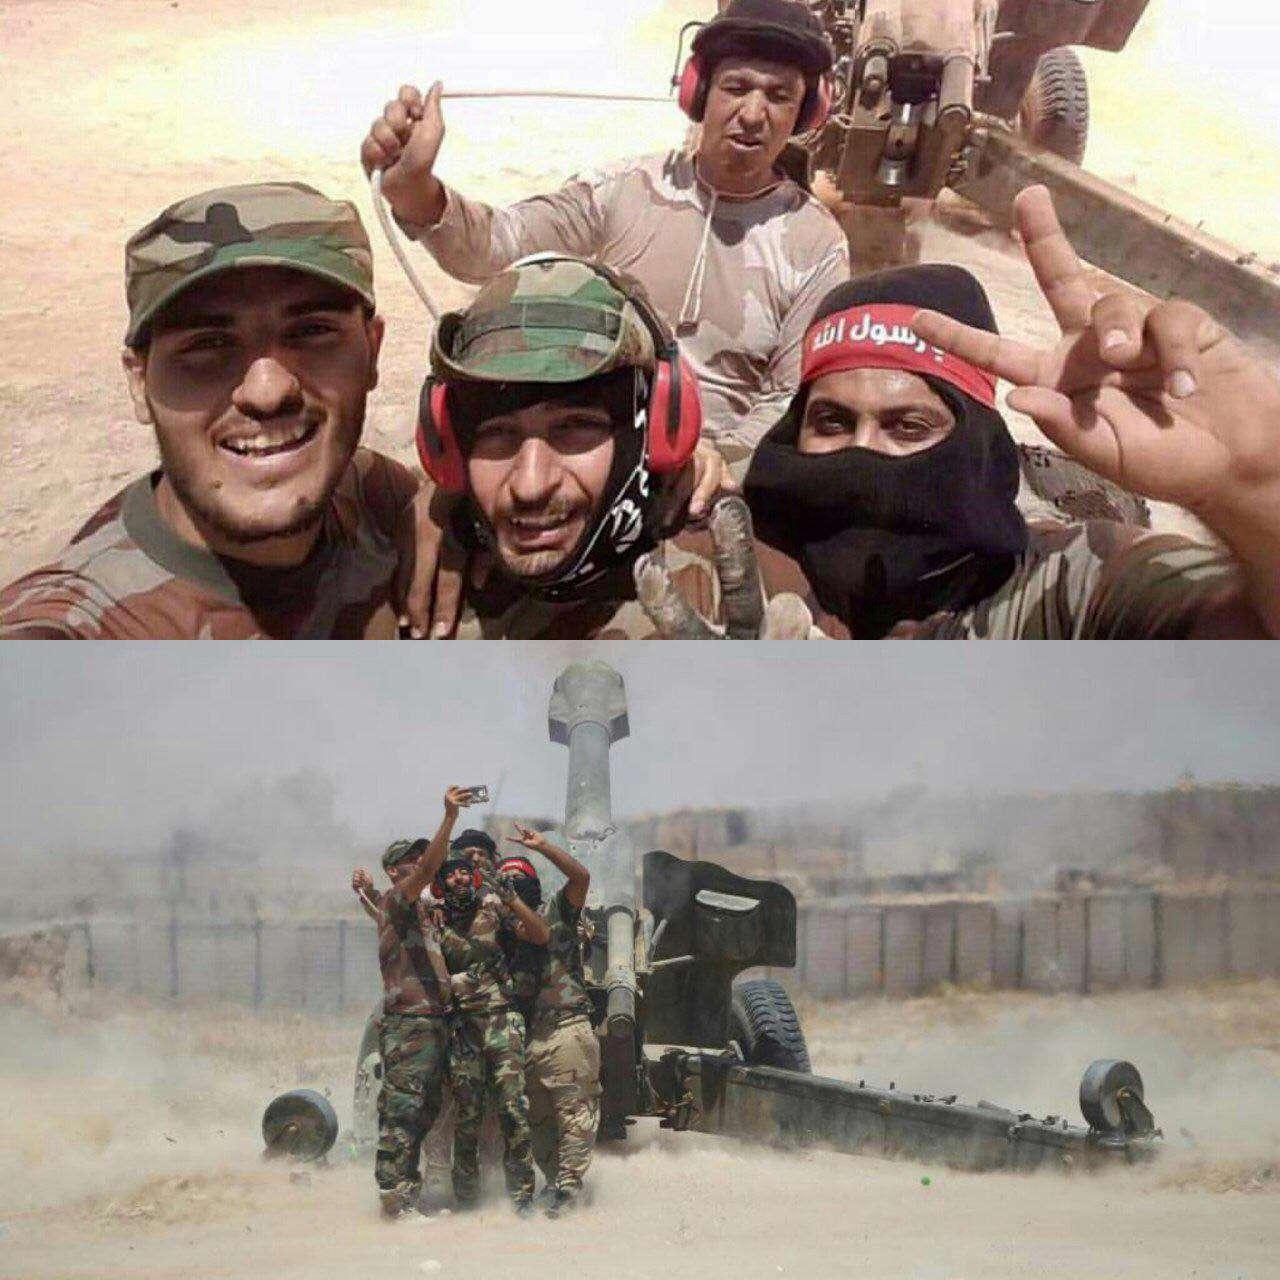 سلفی خاص رزمندگان بسیج مردمی عراق با توپ جنگی!